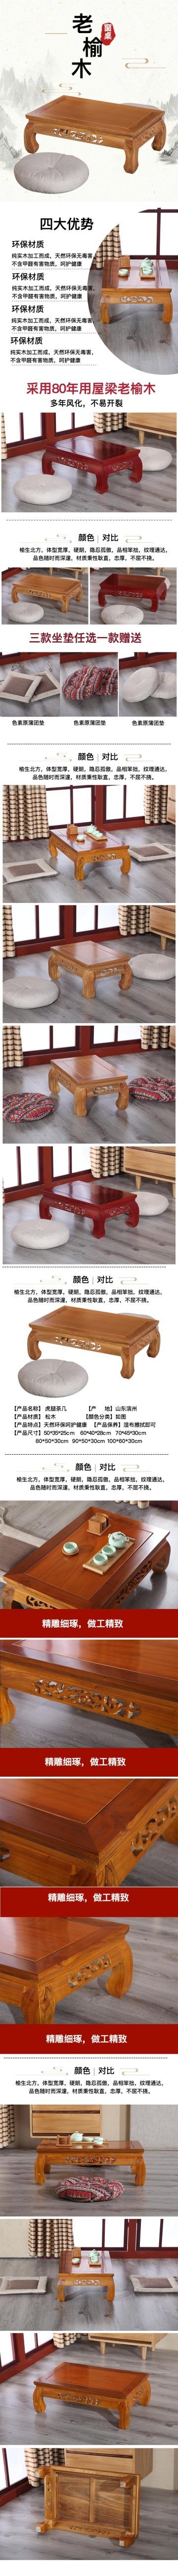 中式传统古朴窗桌电商详情图